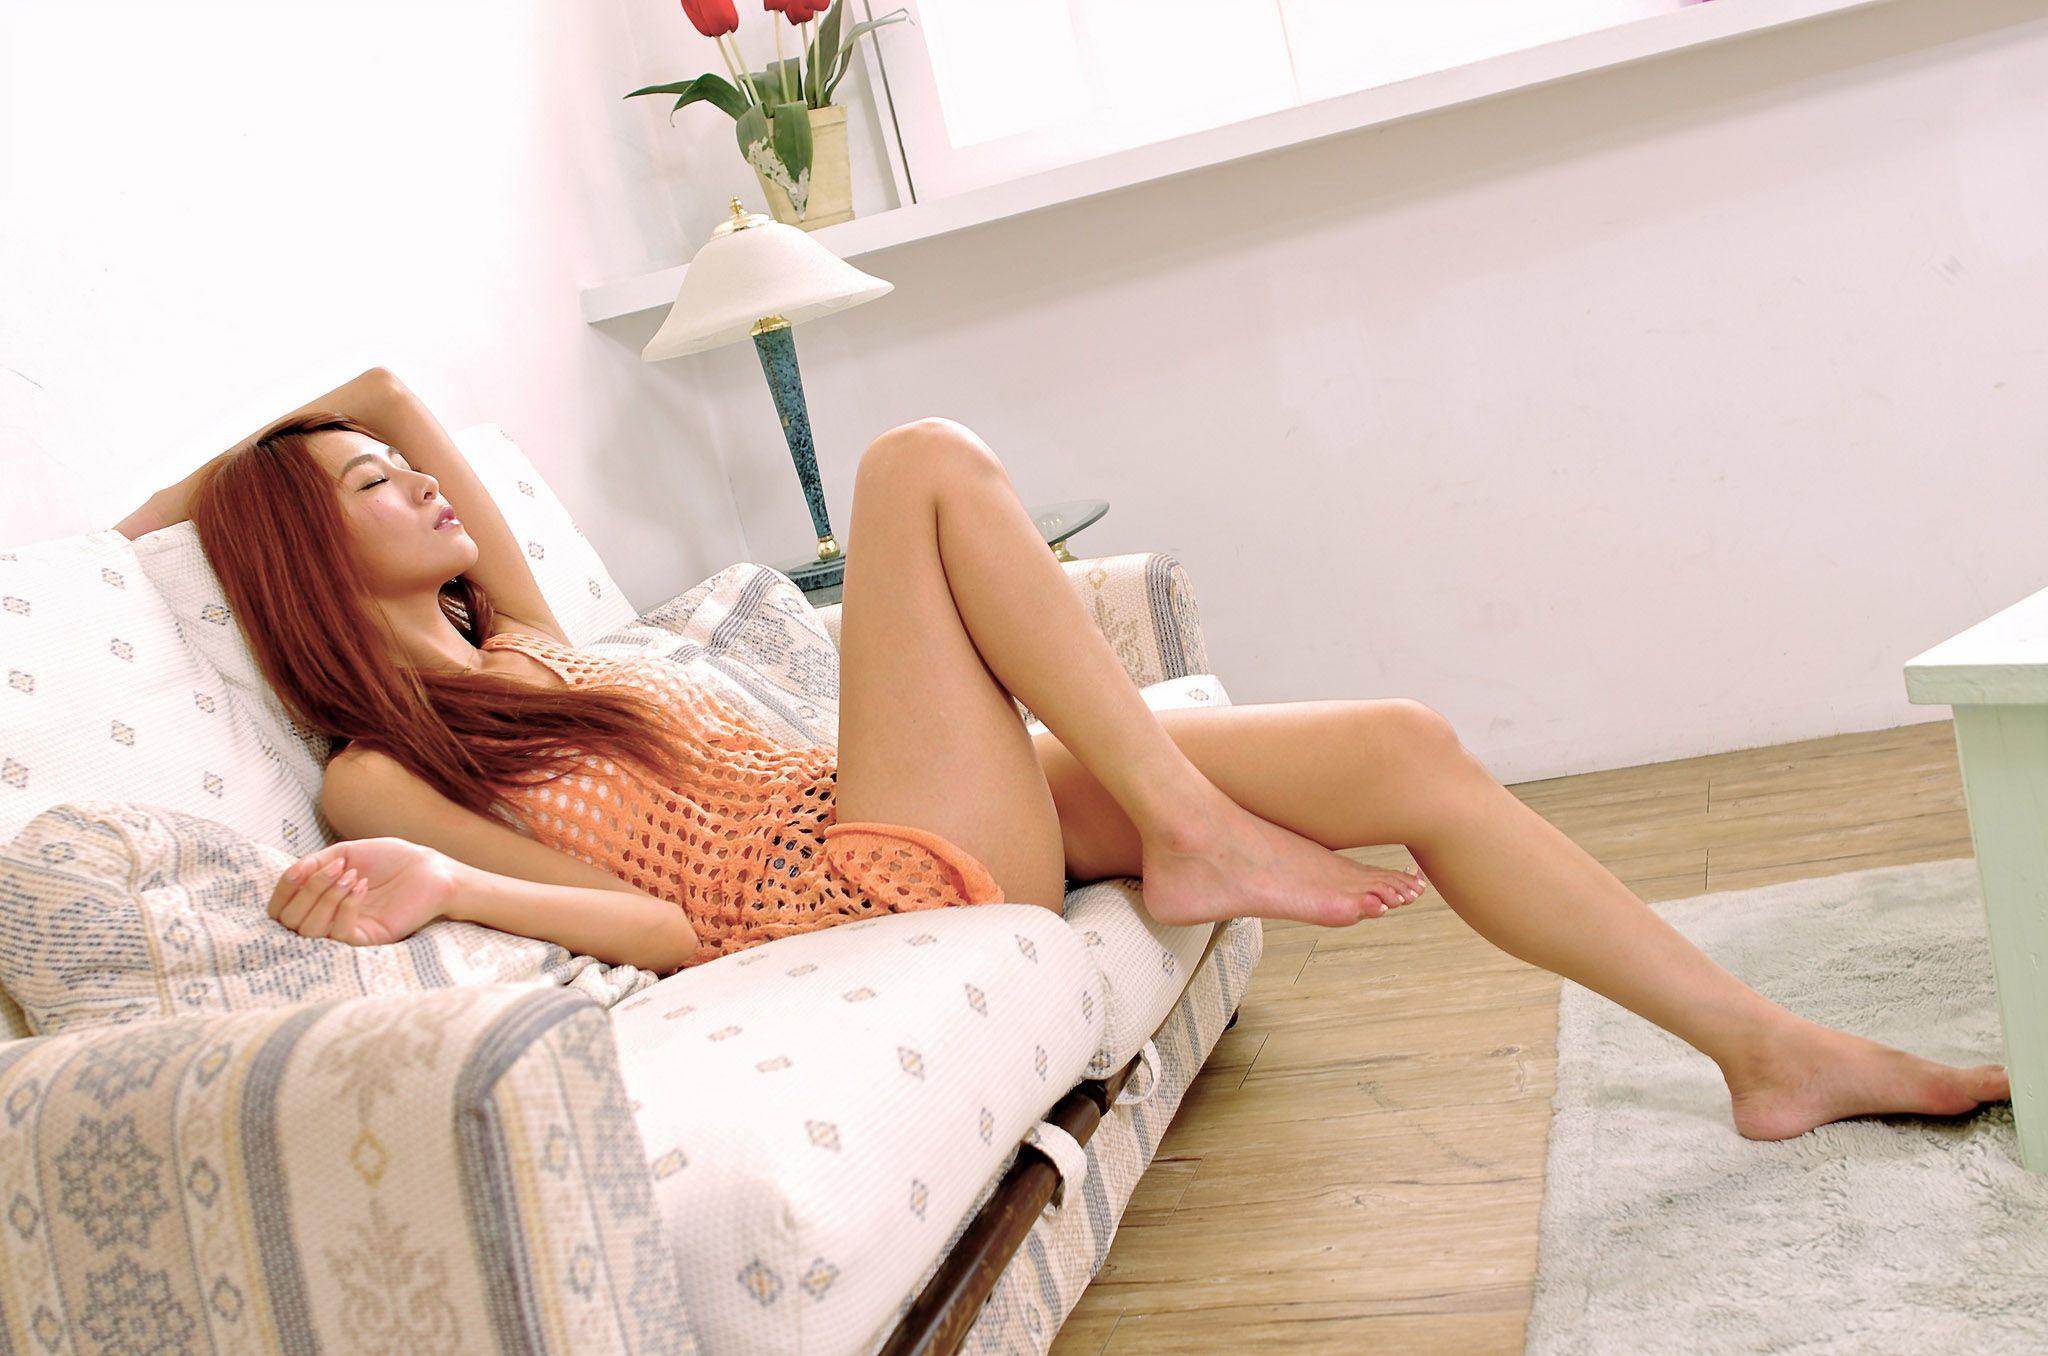 VOL.1916 [网络美女]可爱清纯甜美长发美女:Winnie小雪(庄咏惠,庄温妮,腿模Winnie)高品质写真套图(67P)